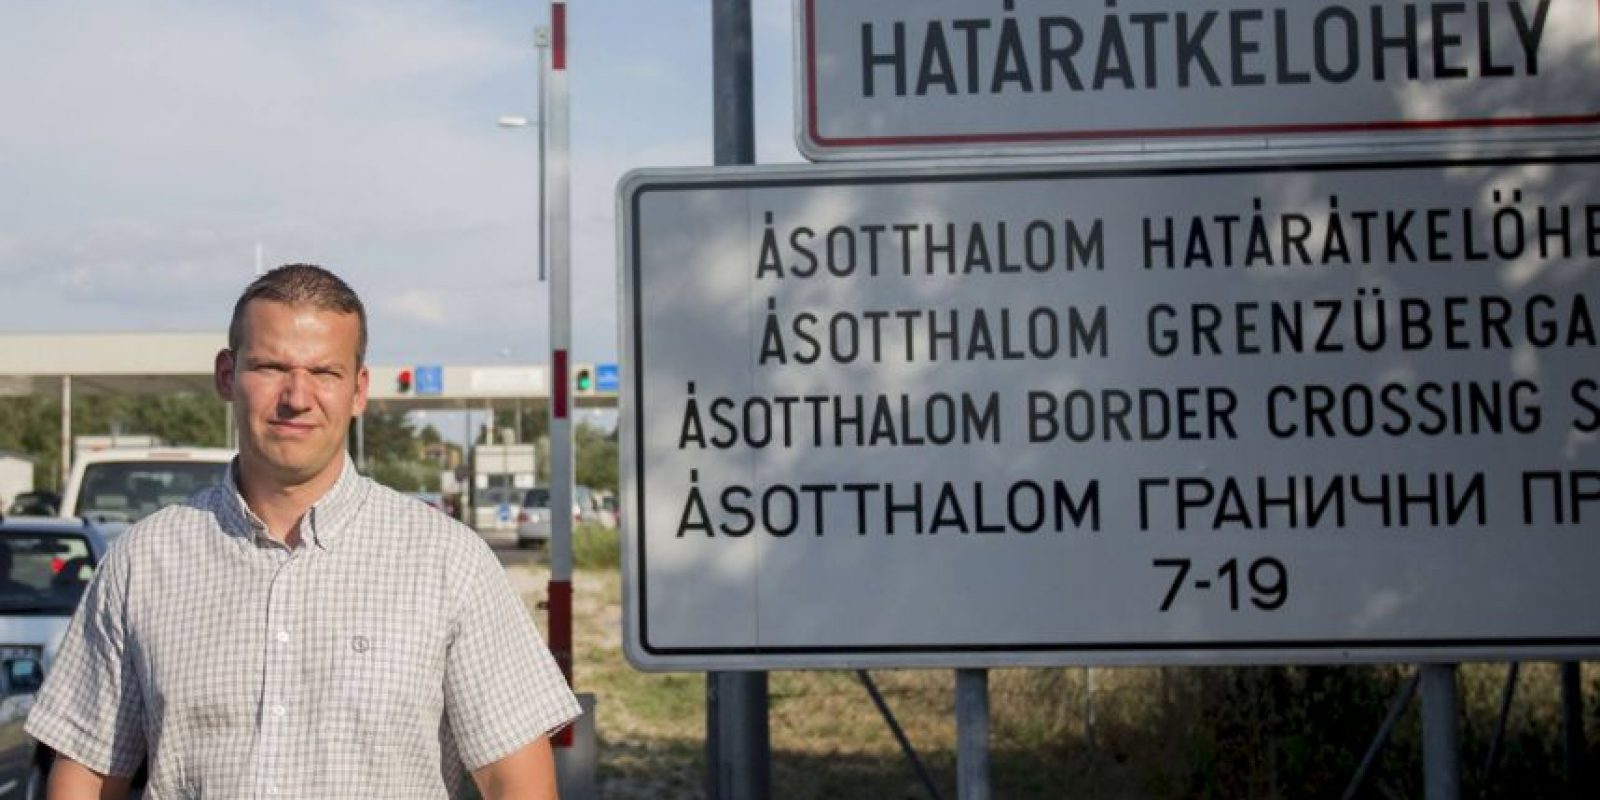 En el video László Toroczkai reafirma que la llegada de migrantes ilegales no es bien recibida. Foto:Vía facebook.com/laszlo.toroczkai